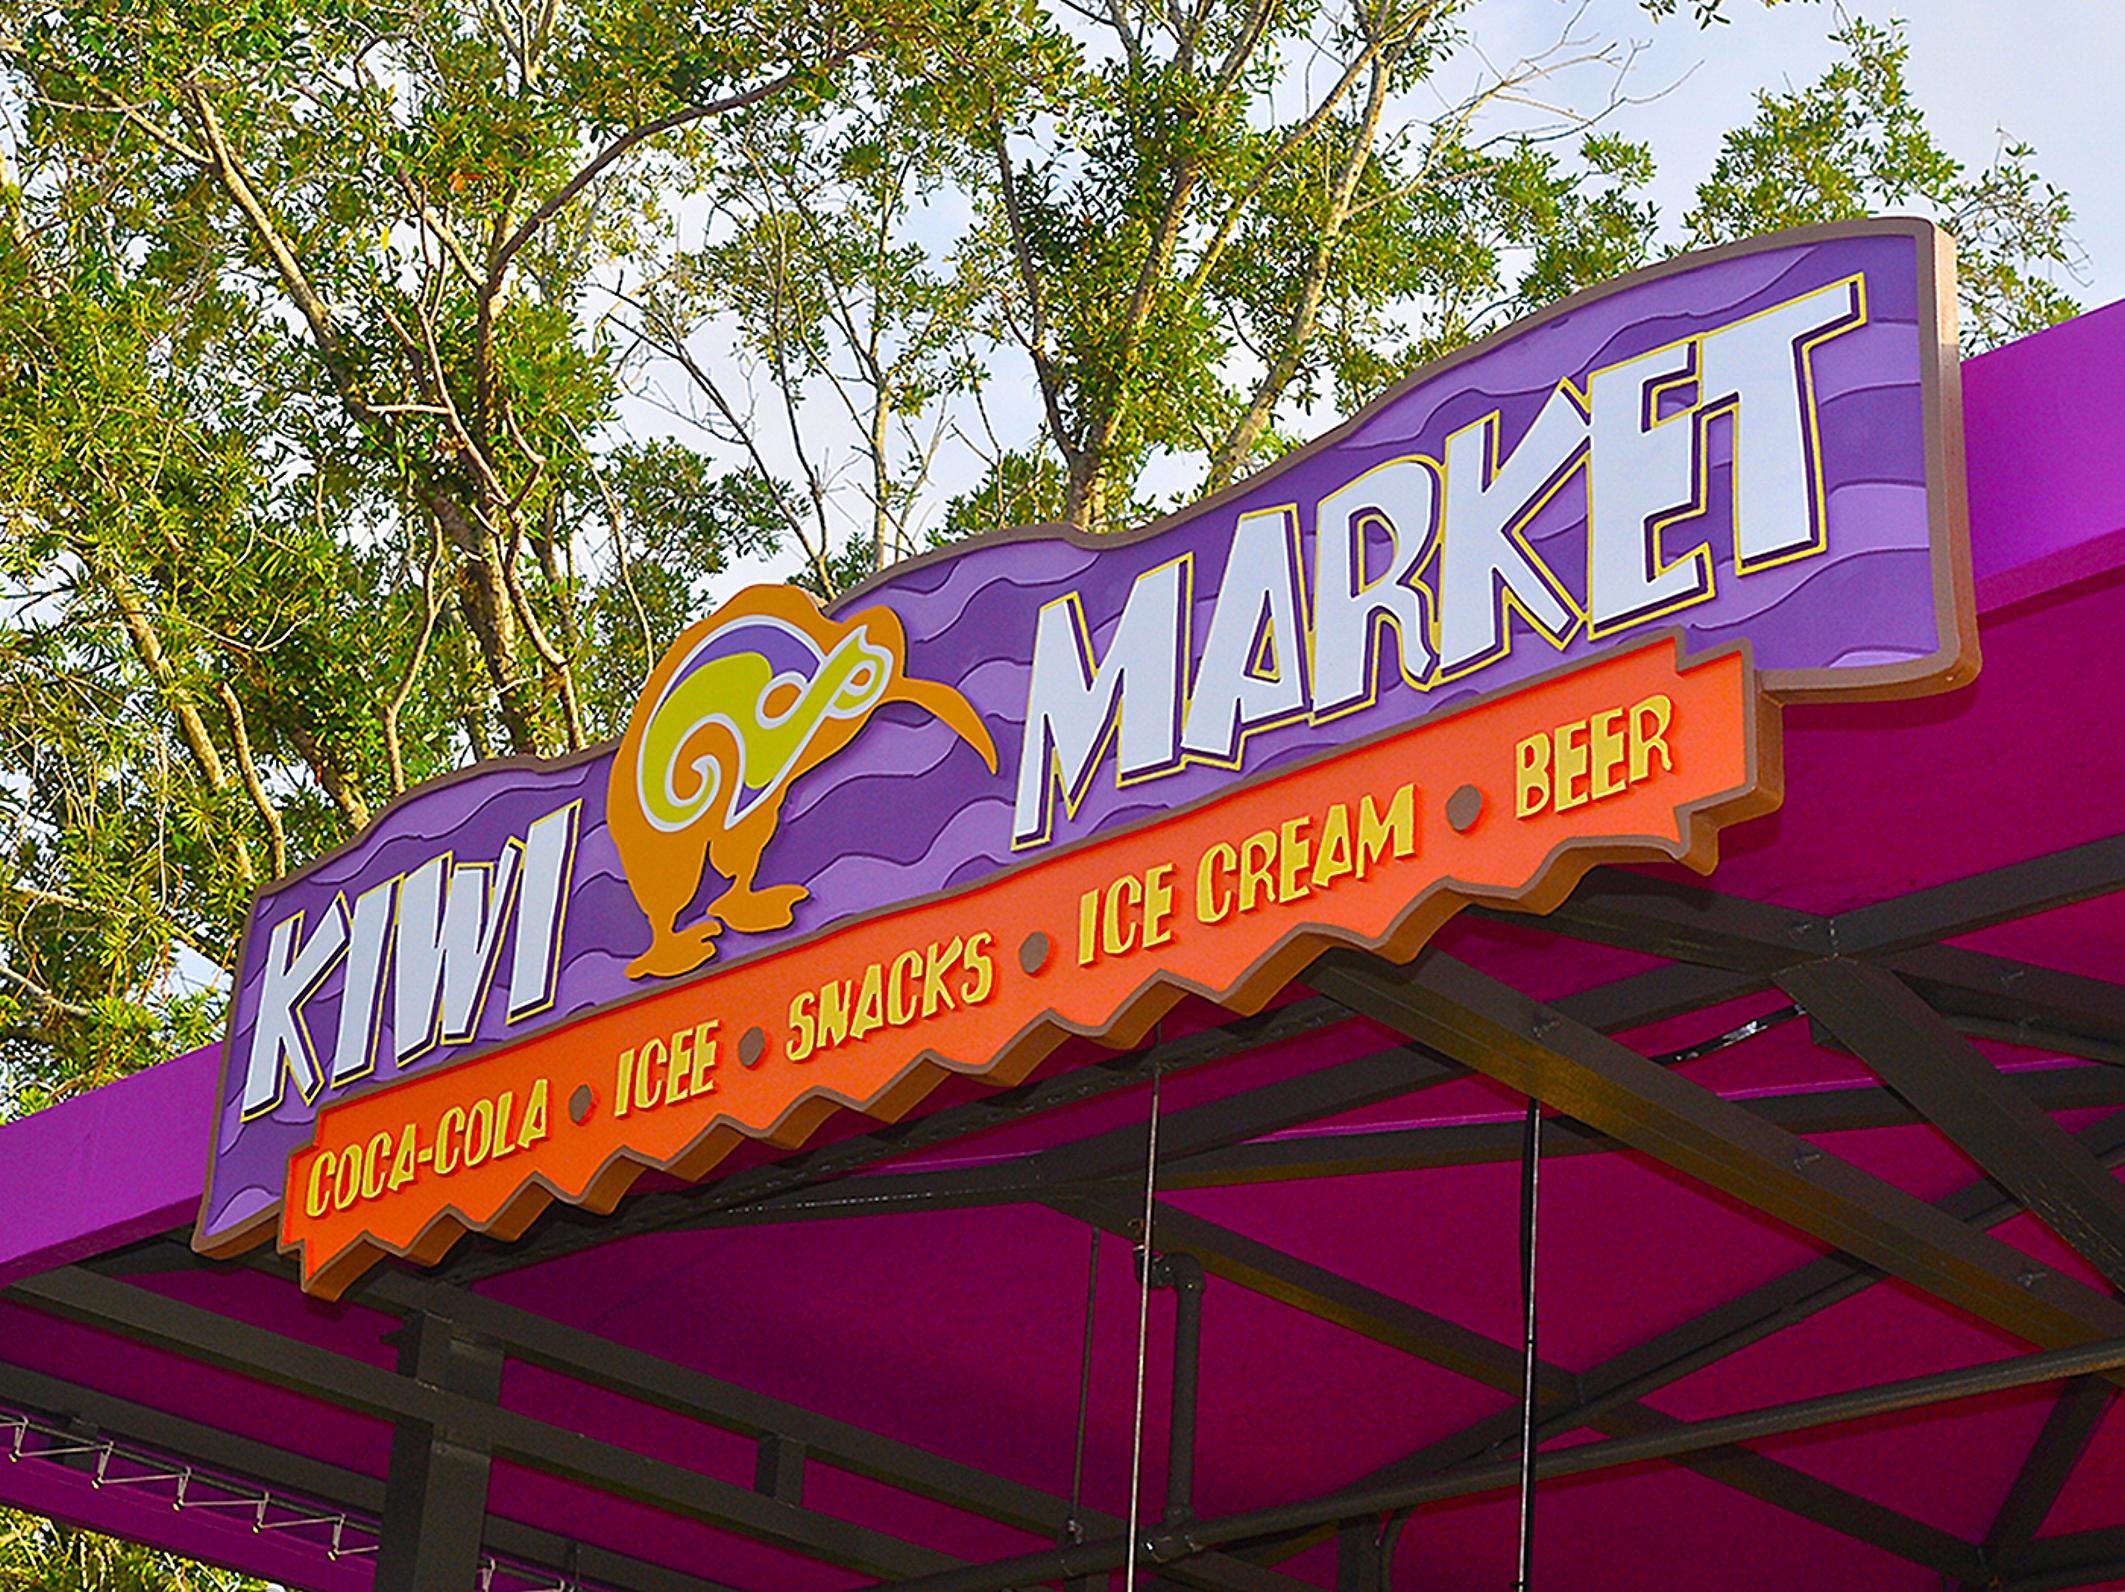 Kiwi Market Kiosk